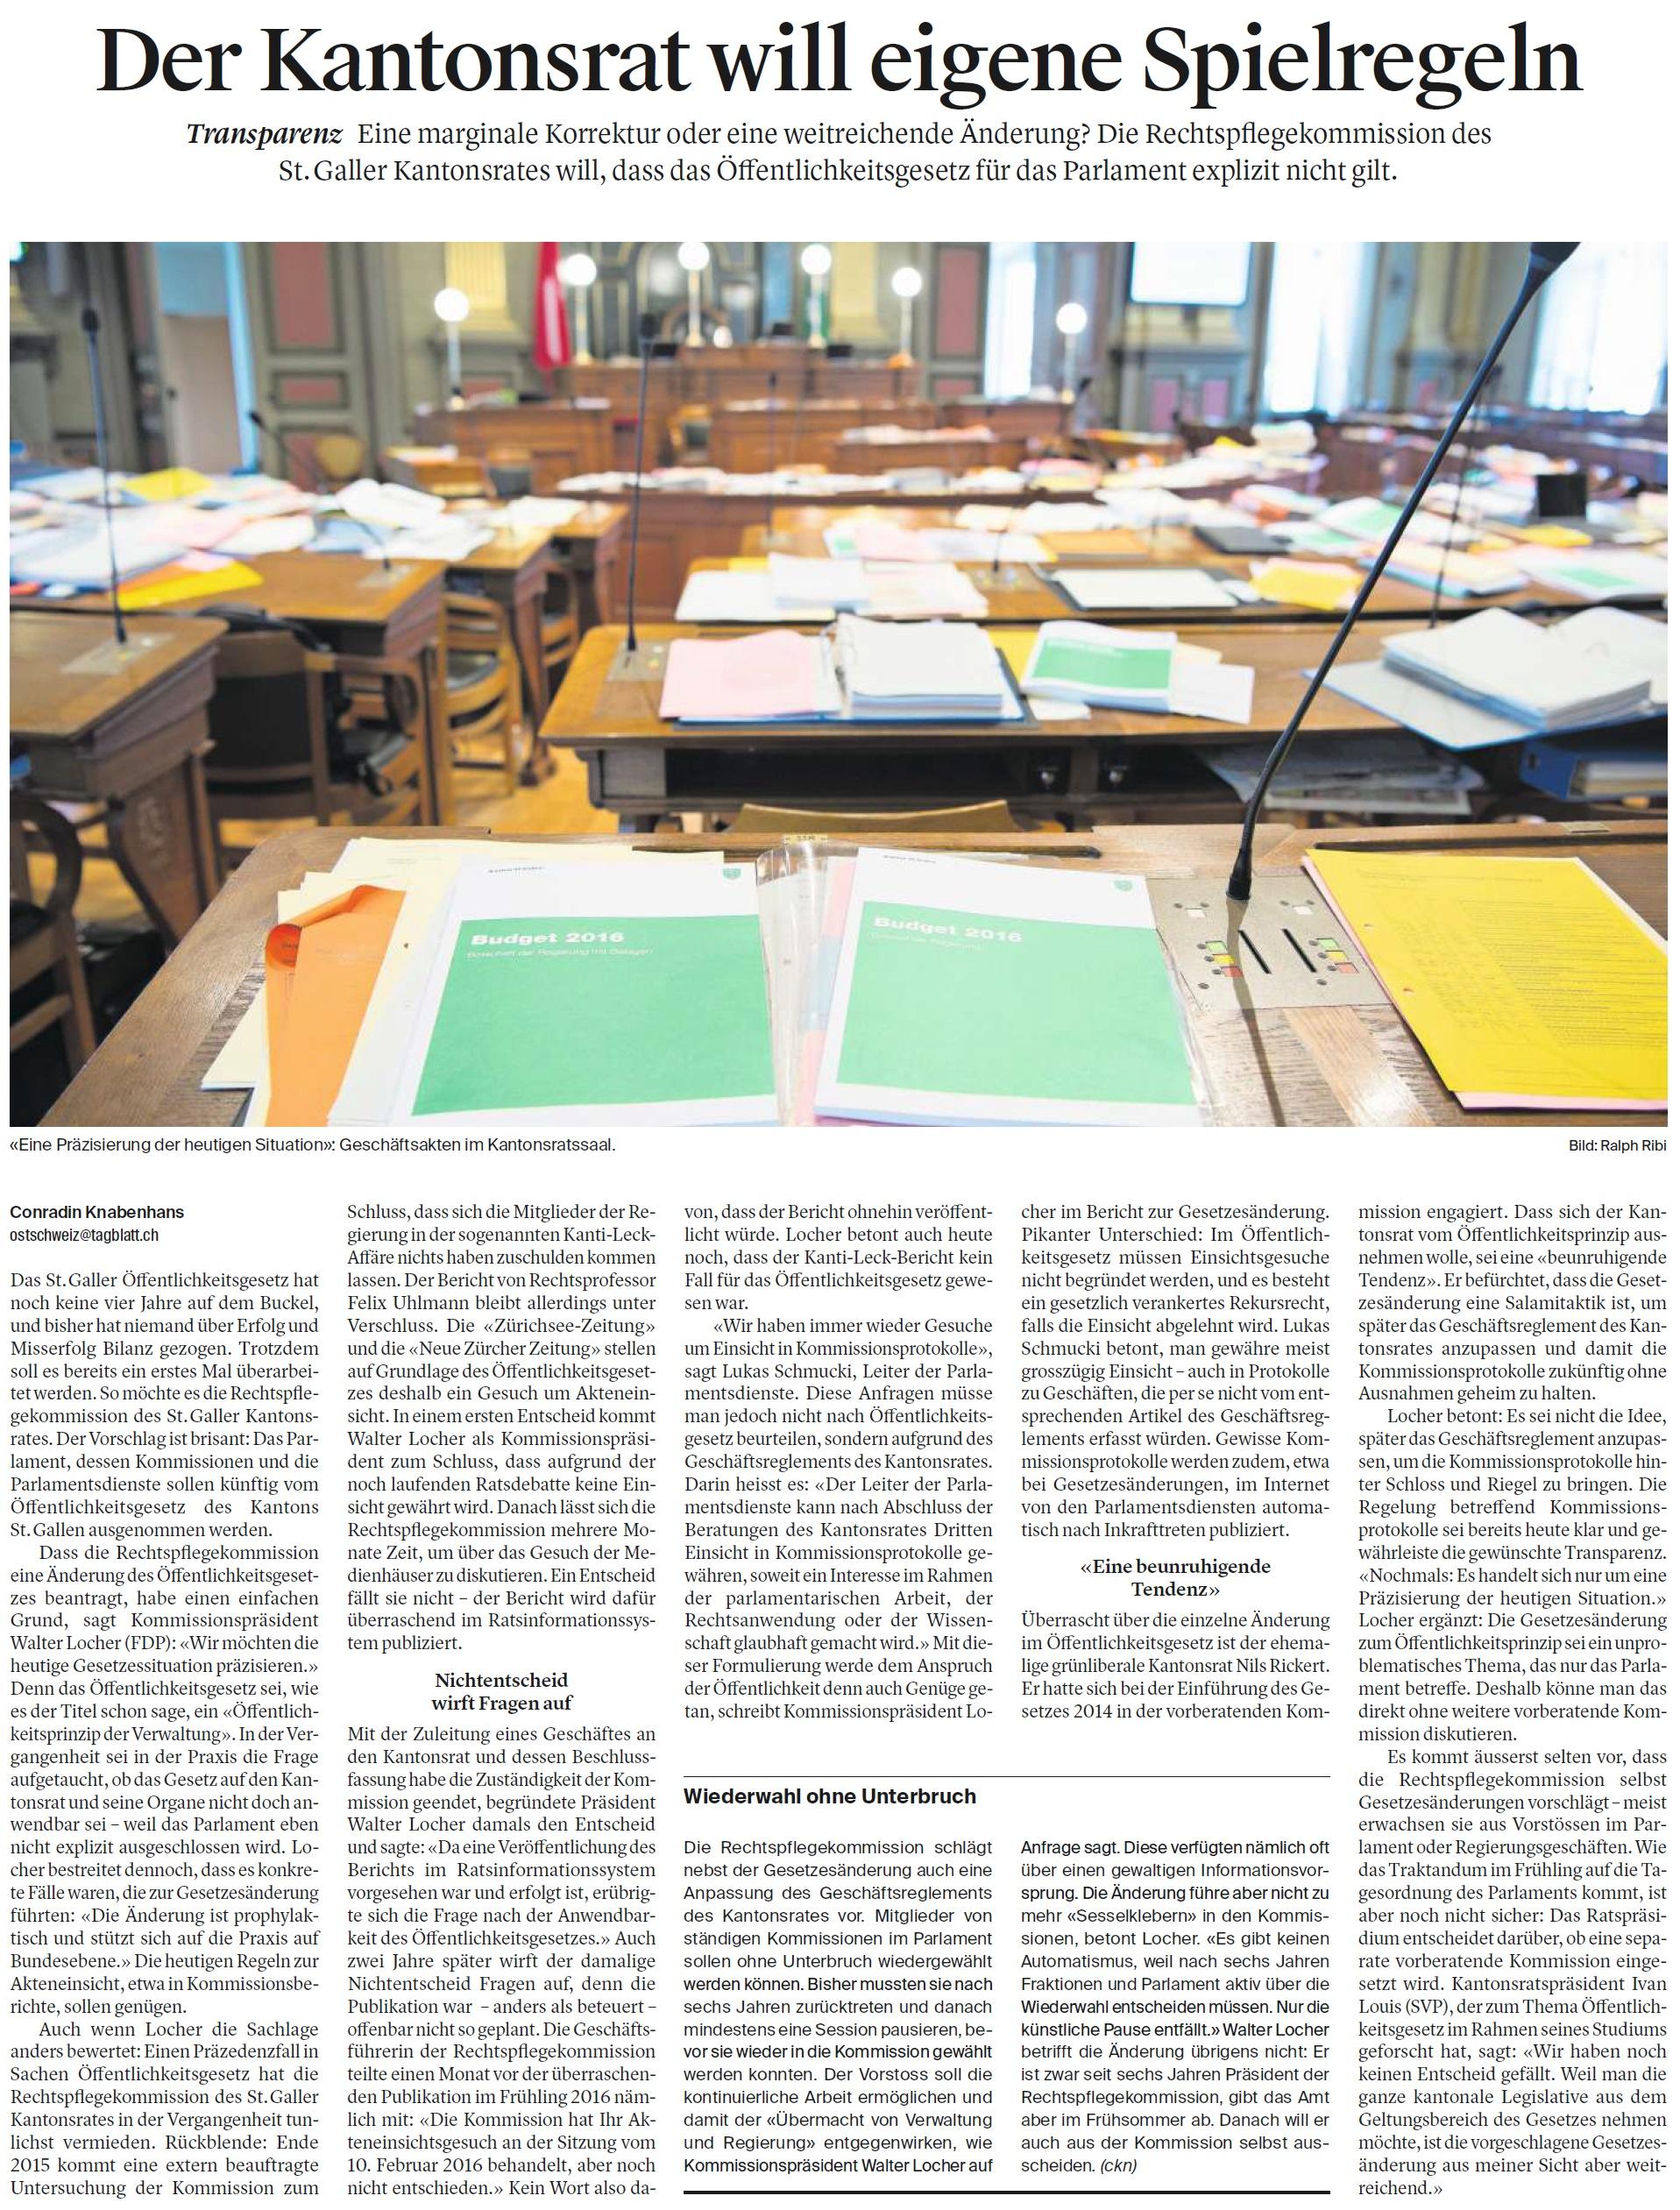 Der Kantonsrat will eigene Spielregeln (Samstag, 17.02.2018)